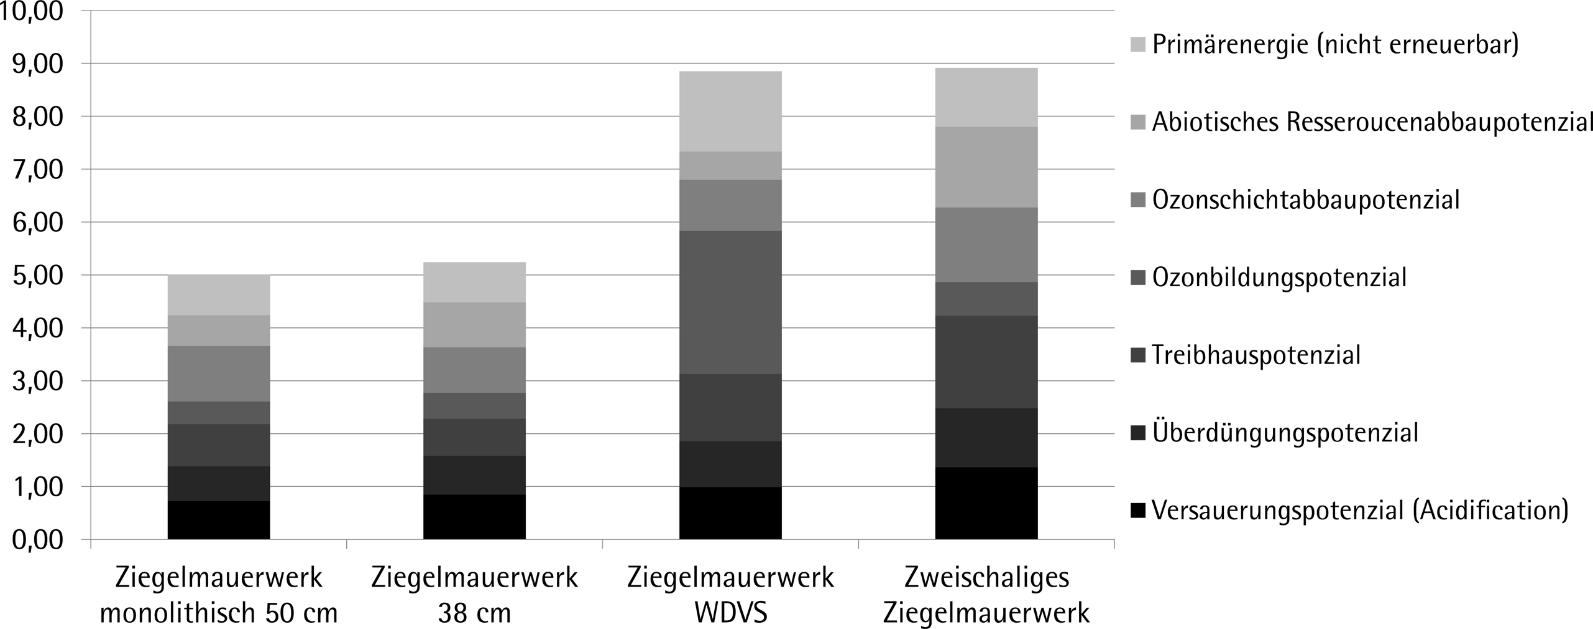 Vergleich der Bewertungsergebnisse der Wirkungskategorien und der Ressourceninanspruchnahme der untersuchten Außenwandaufbauten in Ziegelbauweise